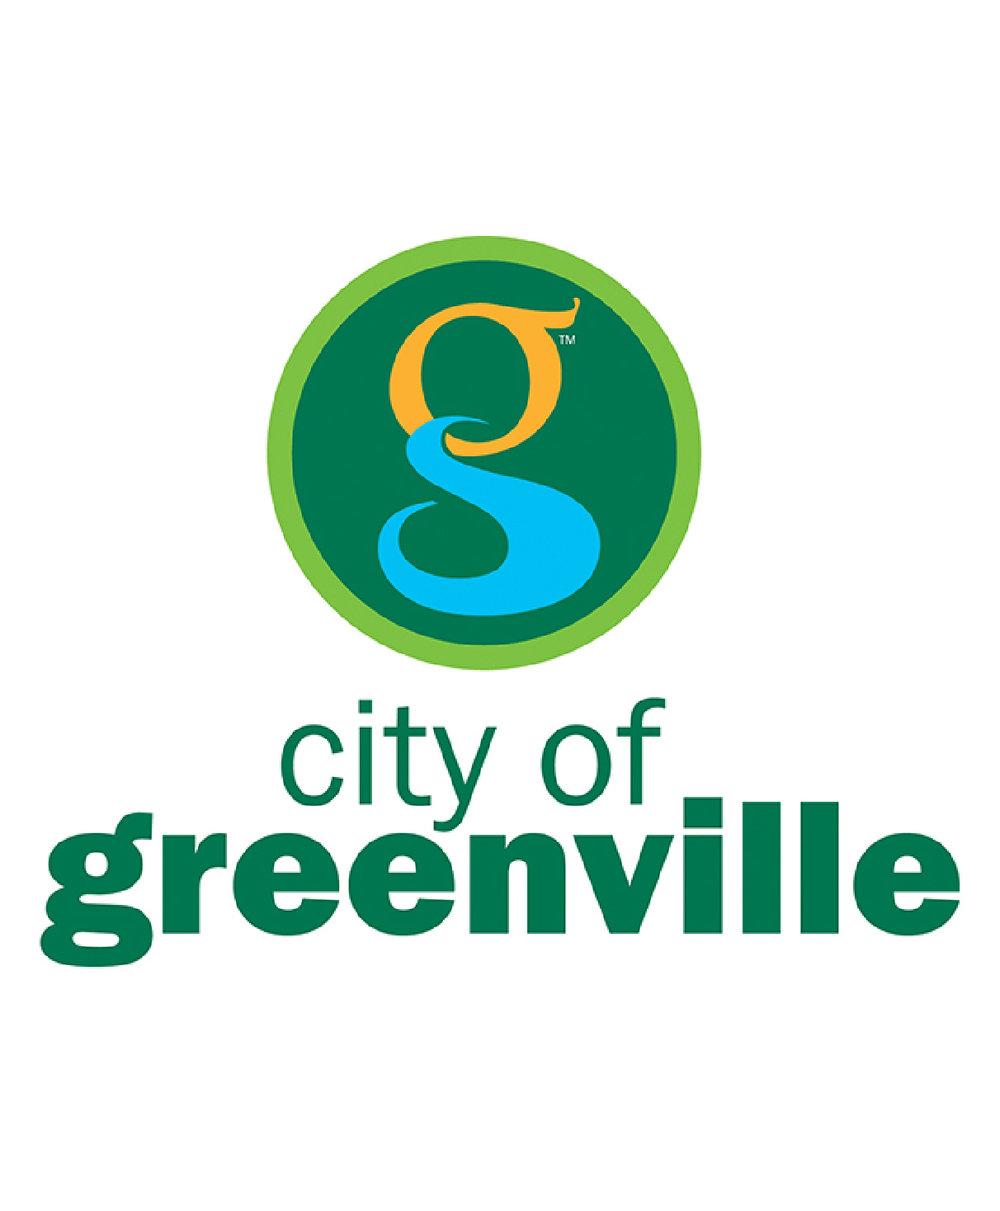 City of Greenville.jpg